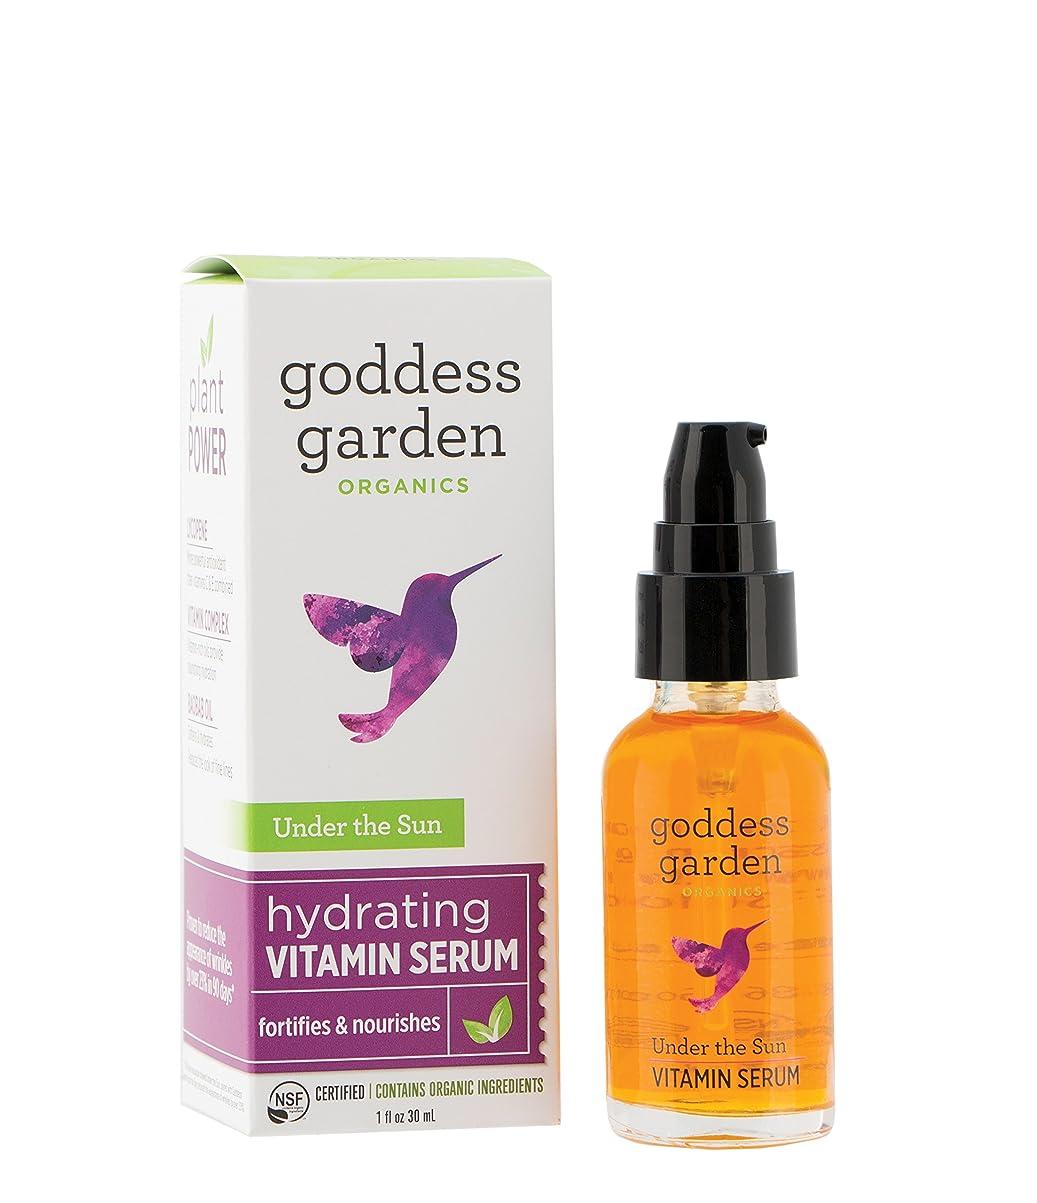 消す信者深くGoddess Garden サンハイドレイティングビタミンセラム(1オンス。ボトル)オーガニック、完全菜食主義、リーピングバニー認定虐待フリー、パラベンフリー、敏感肌に優しく、公認B社の下ではオーガニック